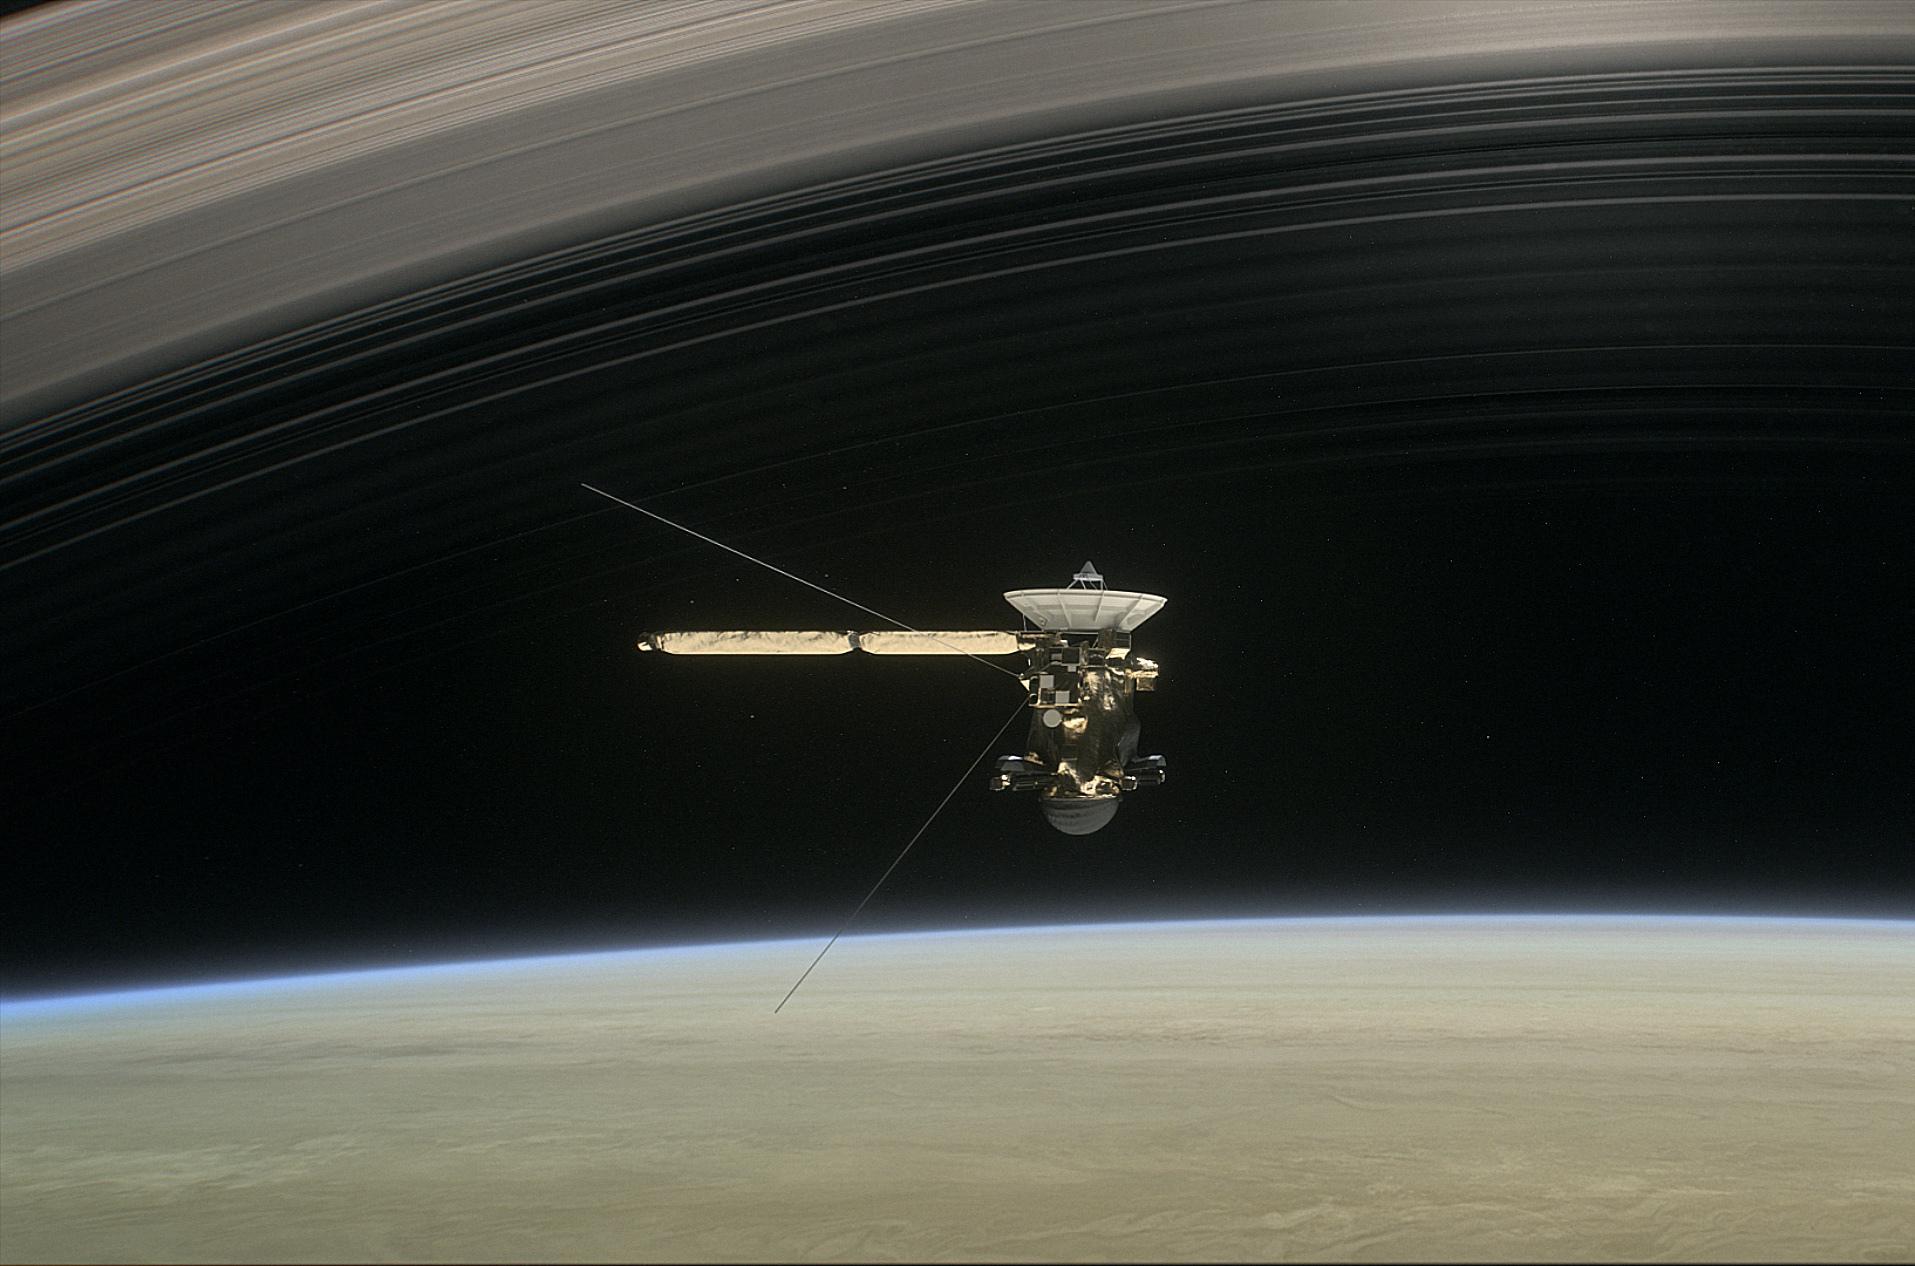 Зонд «Кассини» впоследний раз пролетит вокруг Сатурна